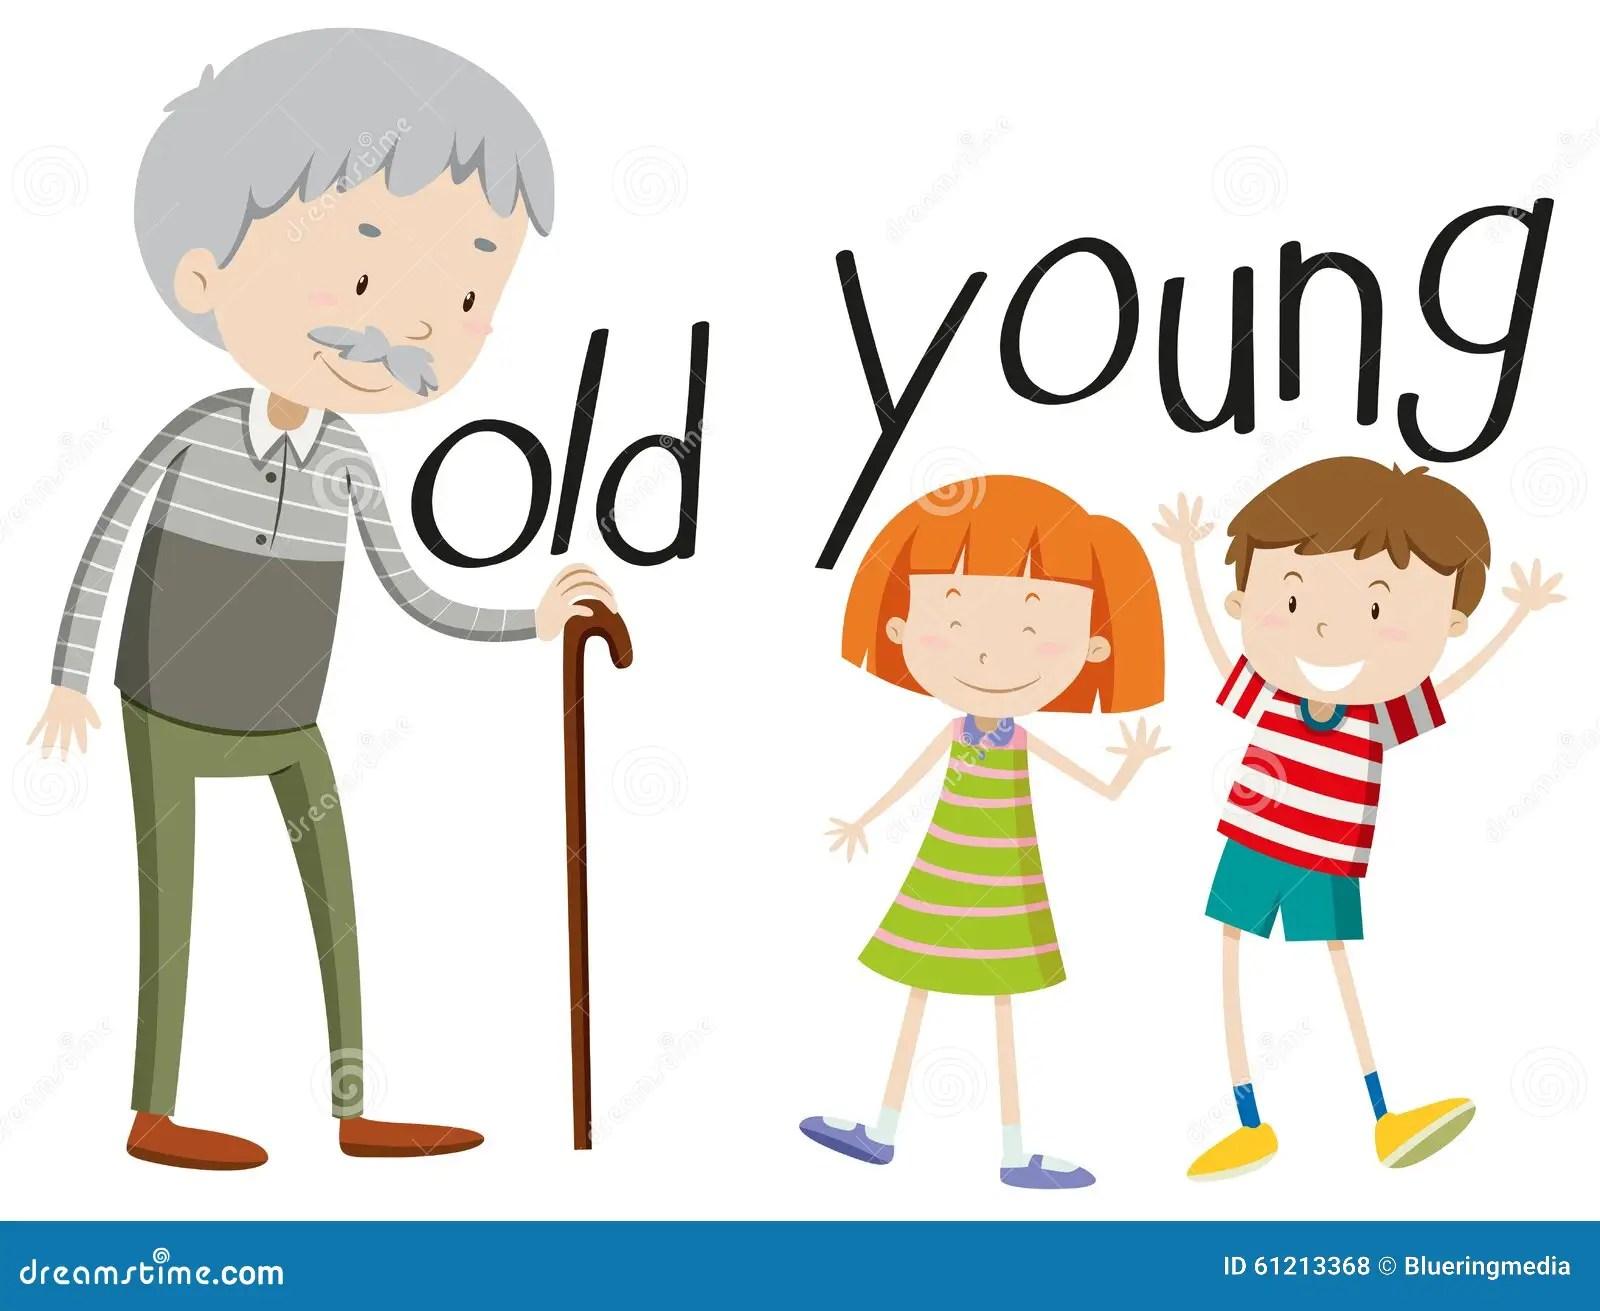 Adjectifs Opposes Vieux Et Jeunes Illustration De Vecteur